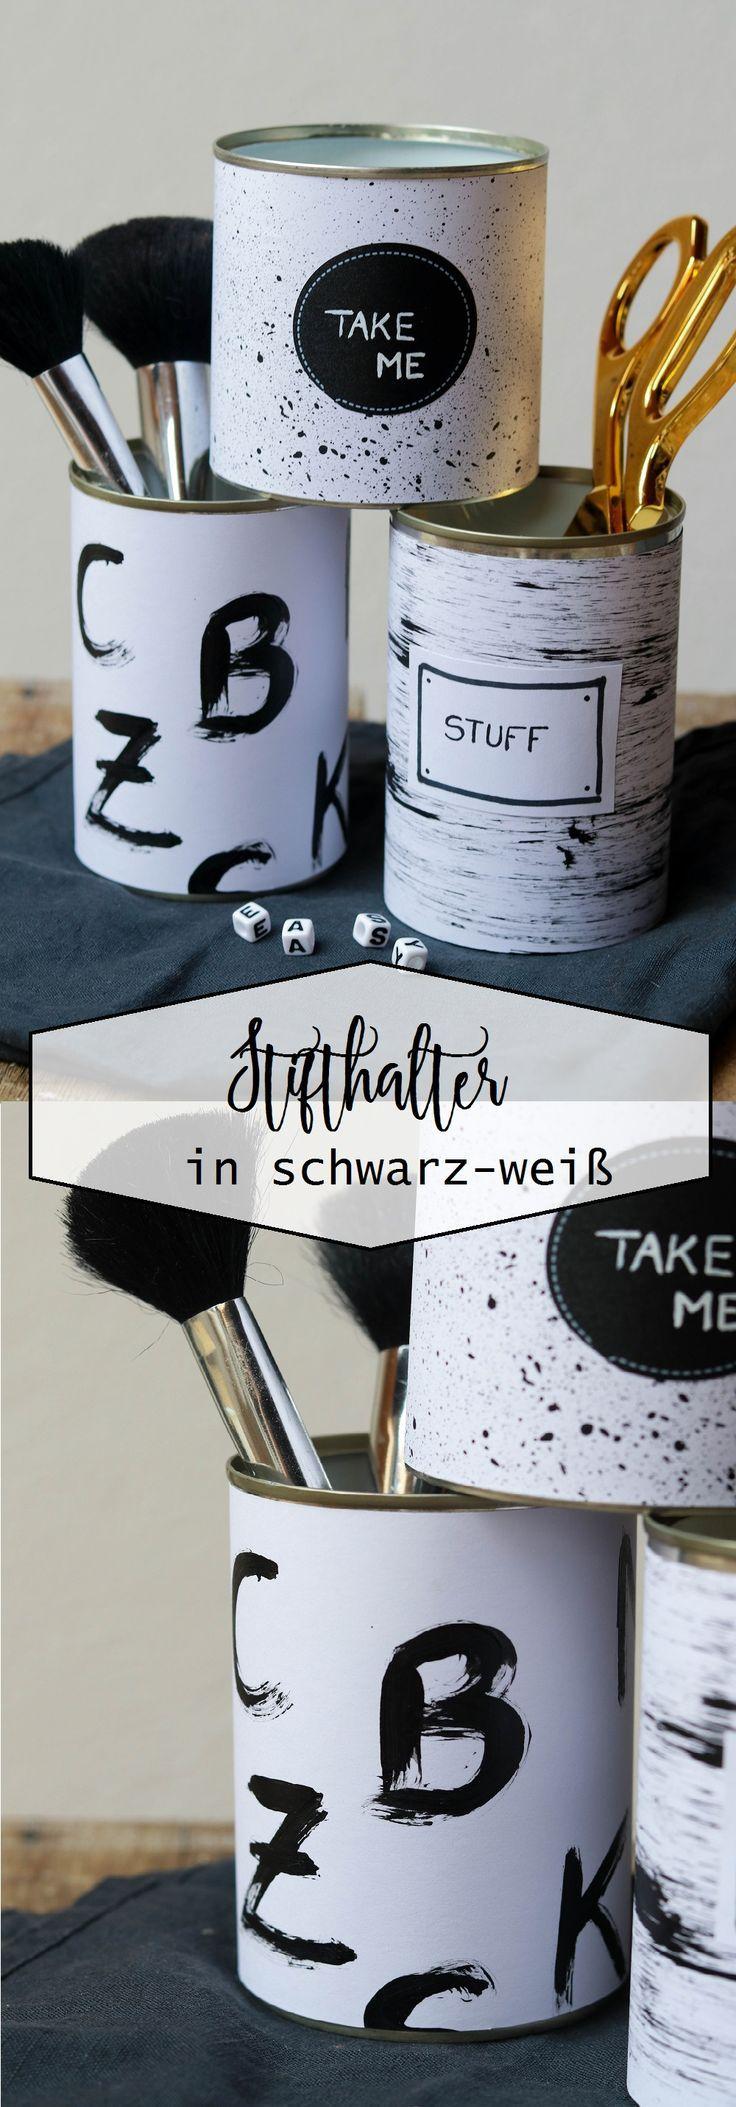 Stifthalter / Utensil in schwarz und weiß  #schwarz #stifthalter #utensil